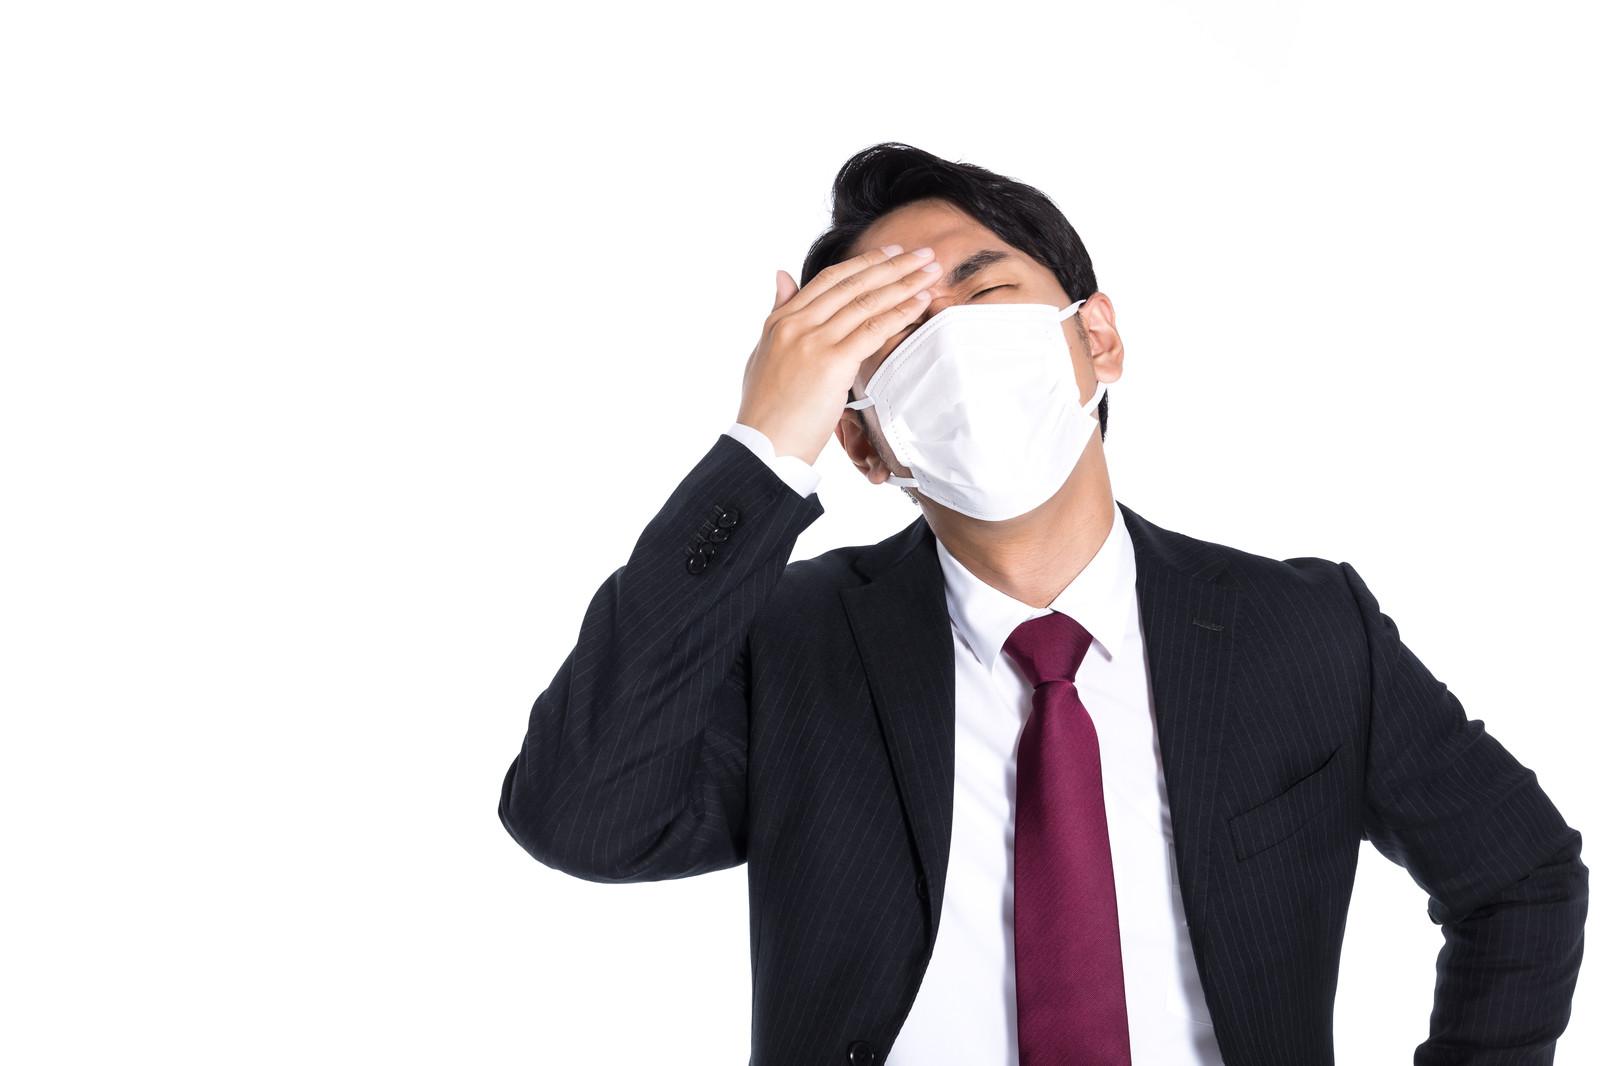 新型コロナウイルス患者が電車内で咳してたら?!